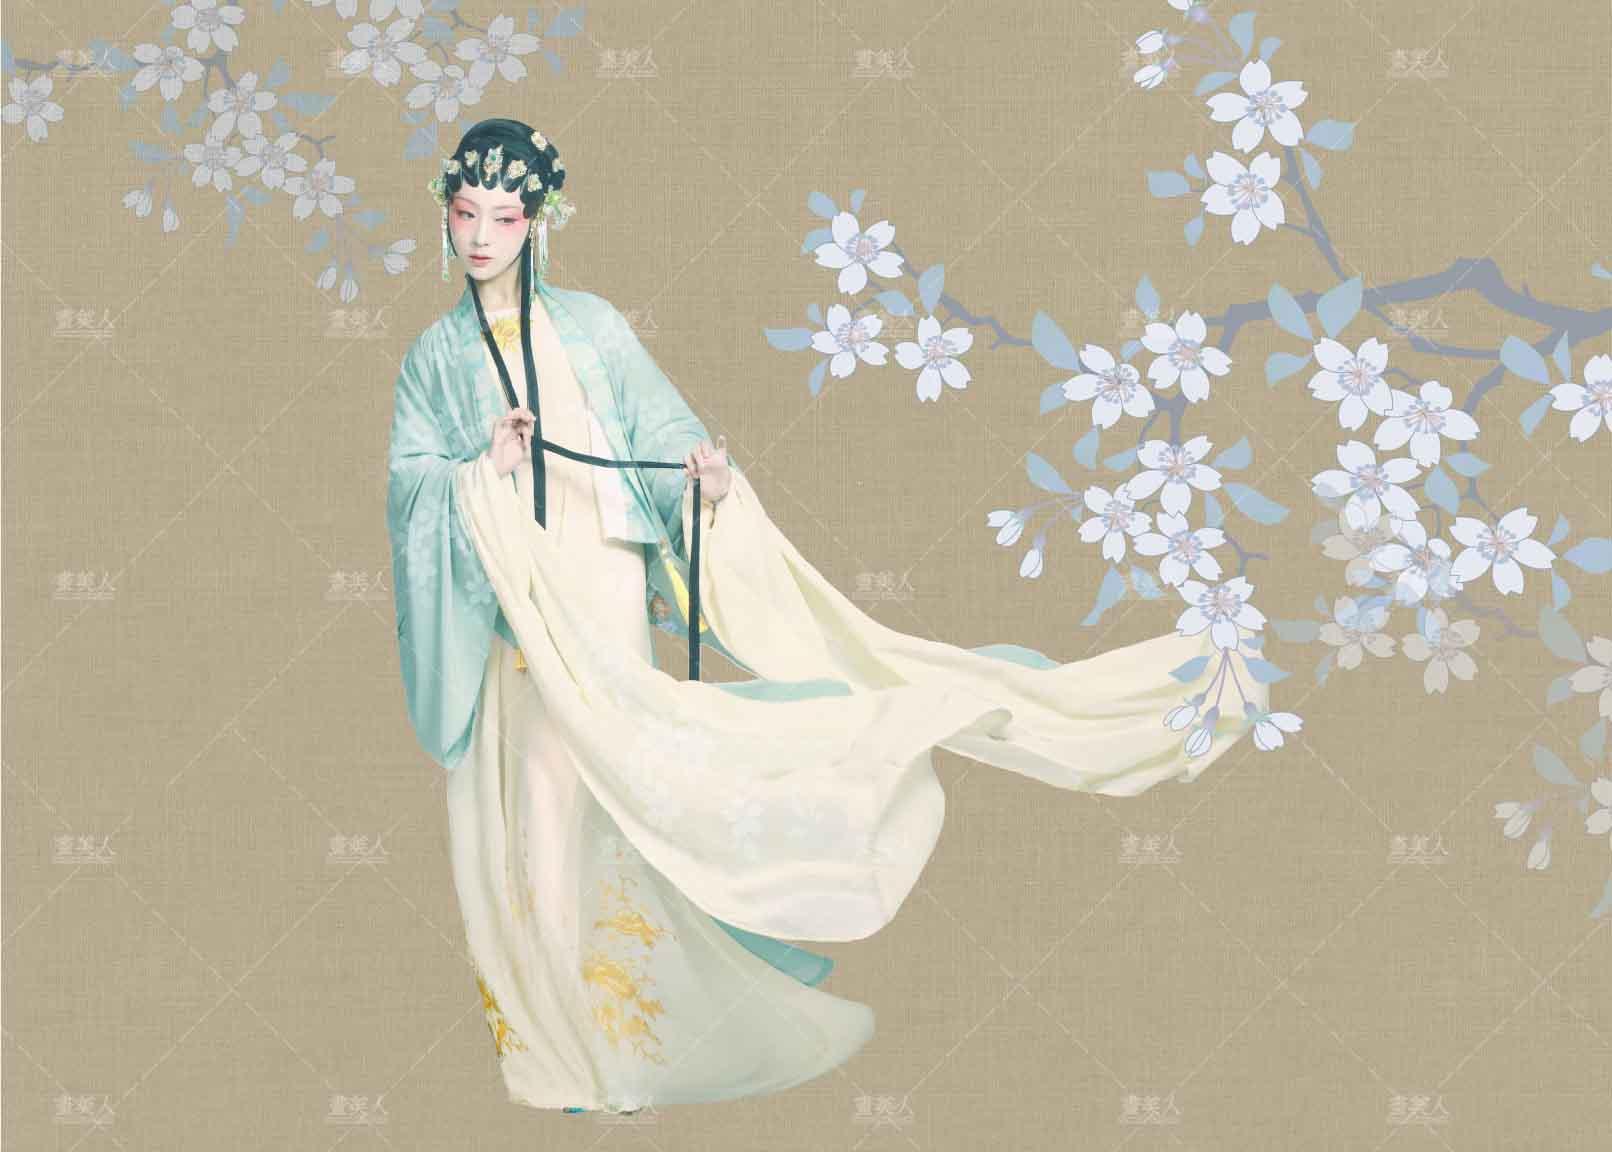 北京个人写真古装摄影古装写真闺蜜写真情侣写真艺术照